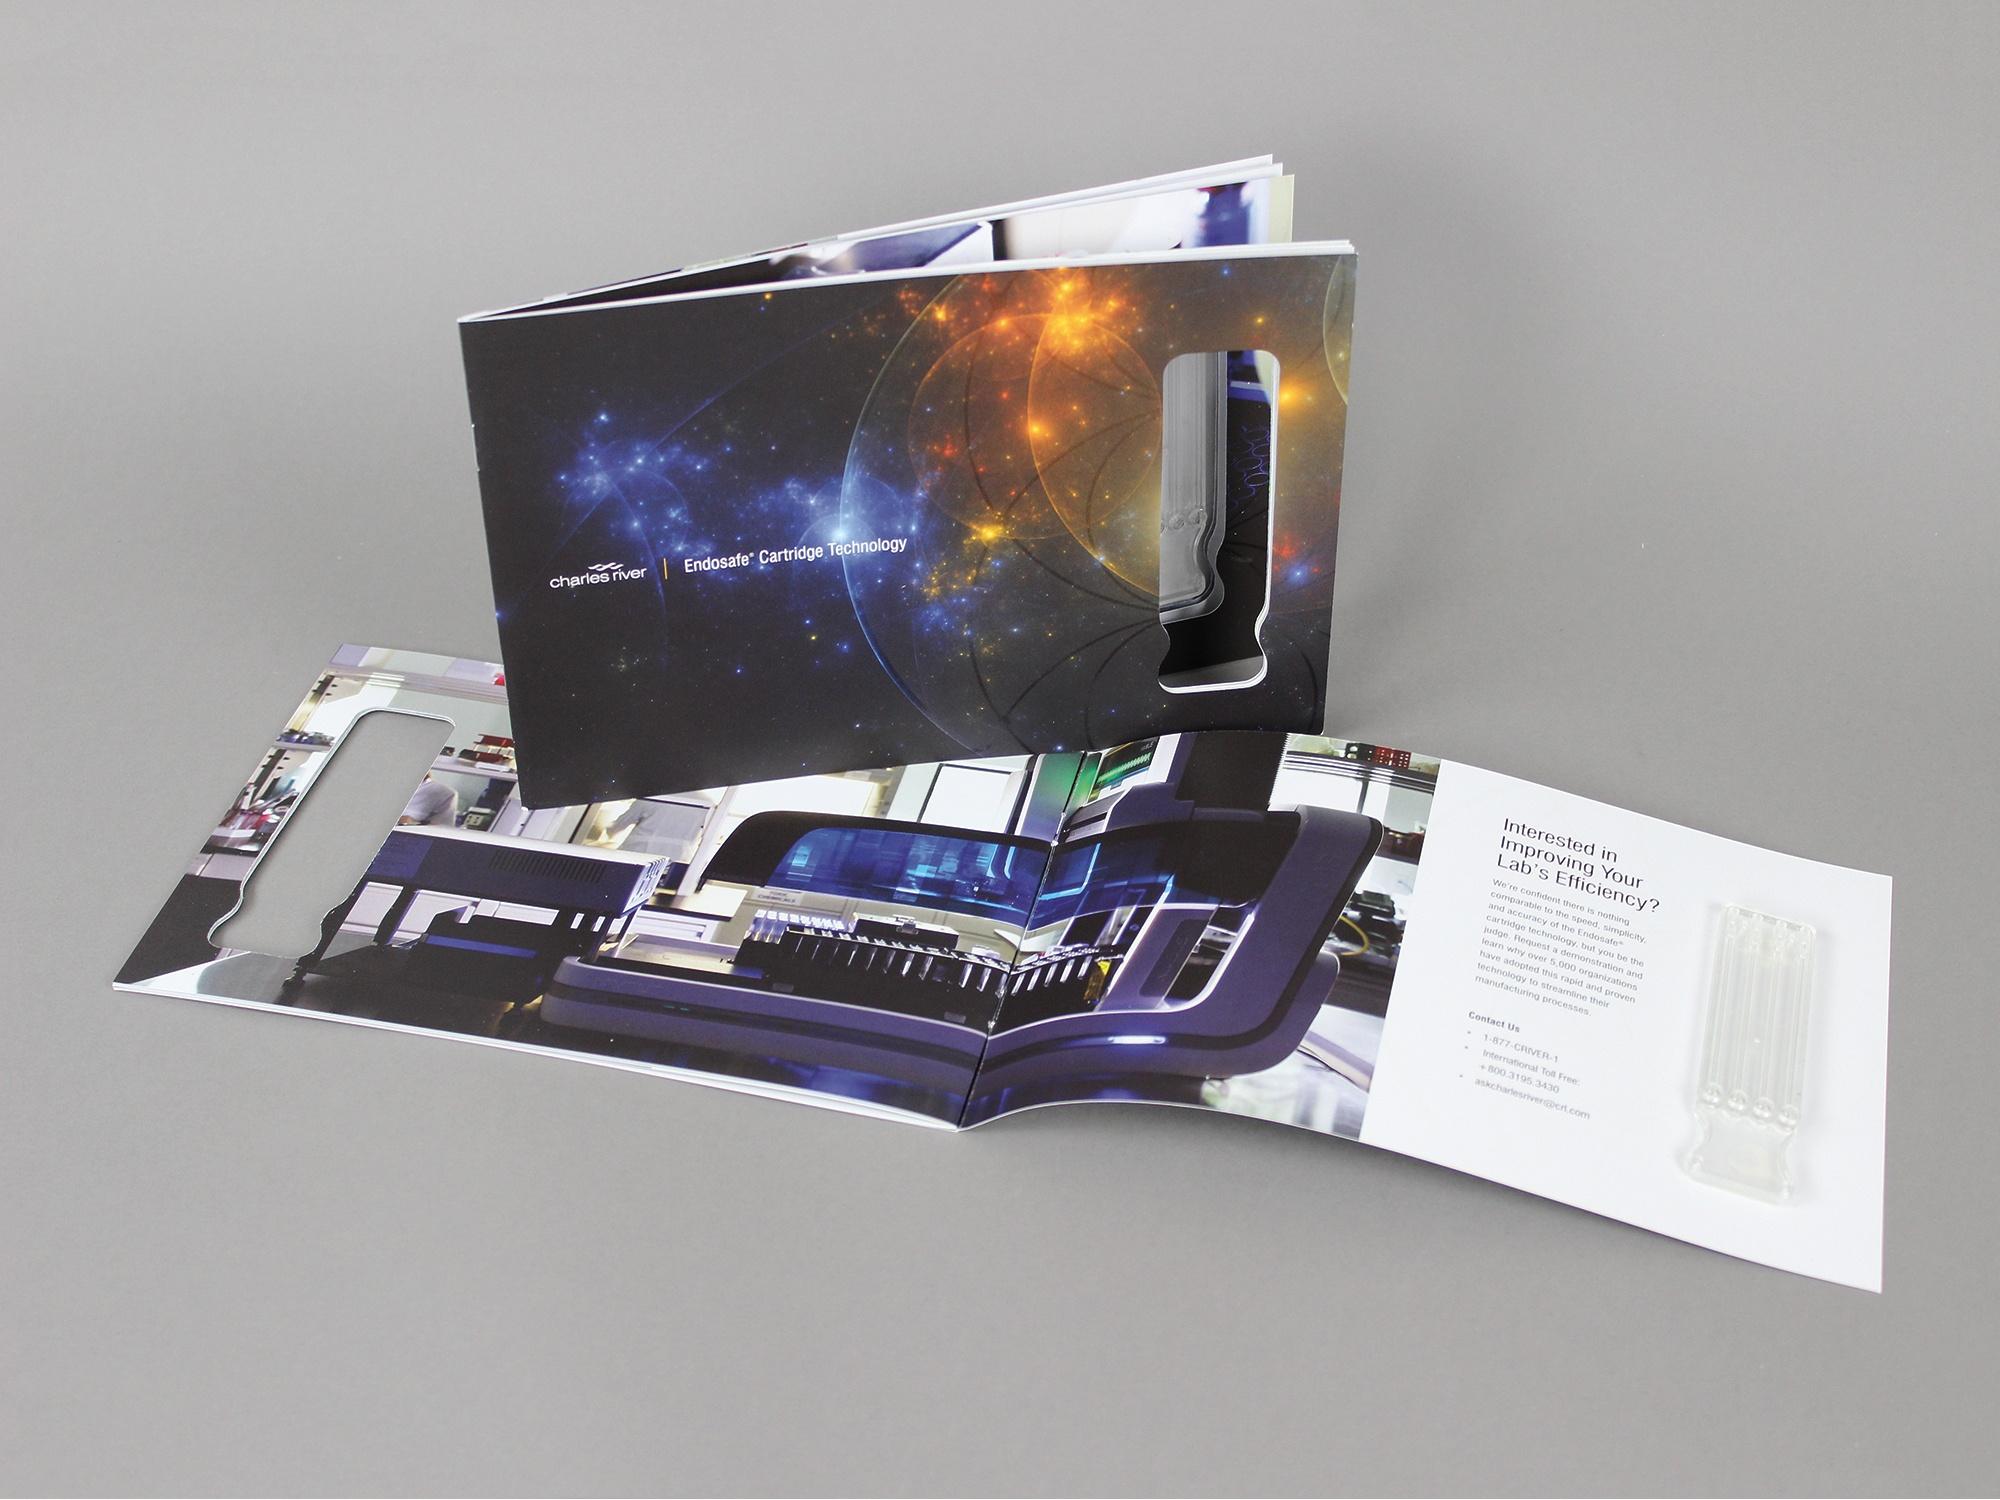 Charles River Labs Endosafe Brochure